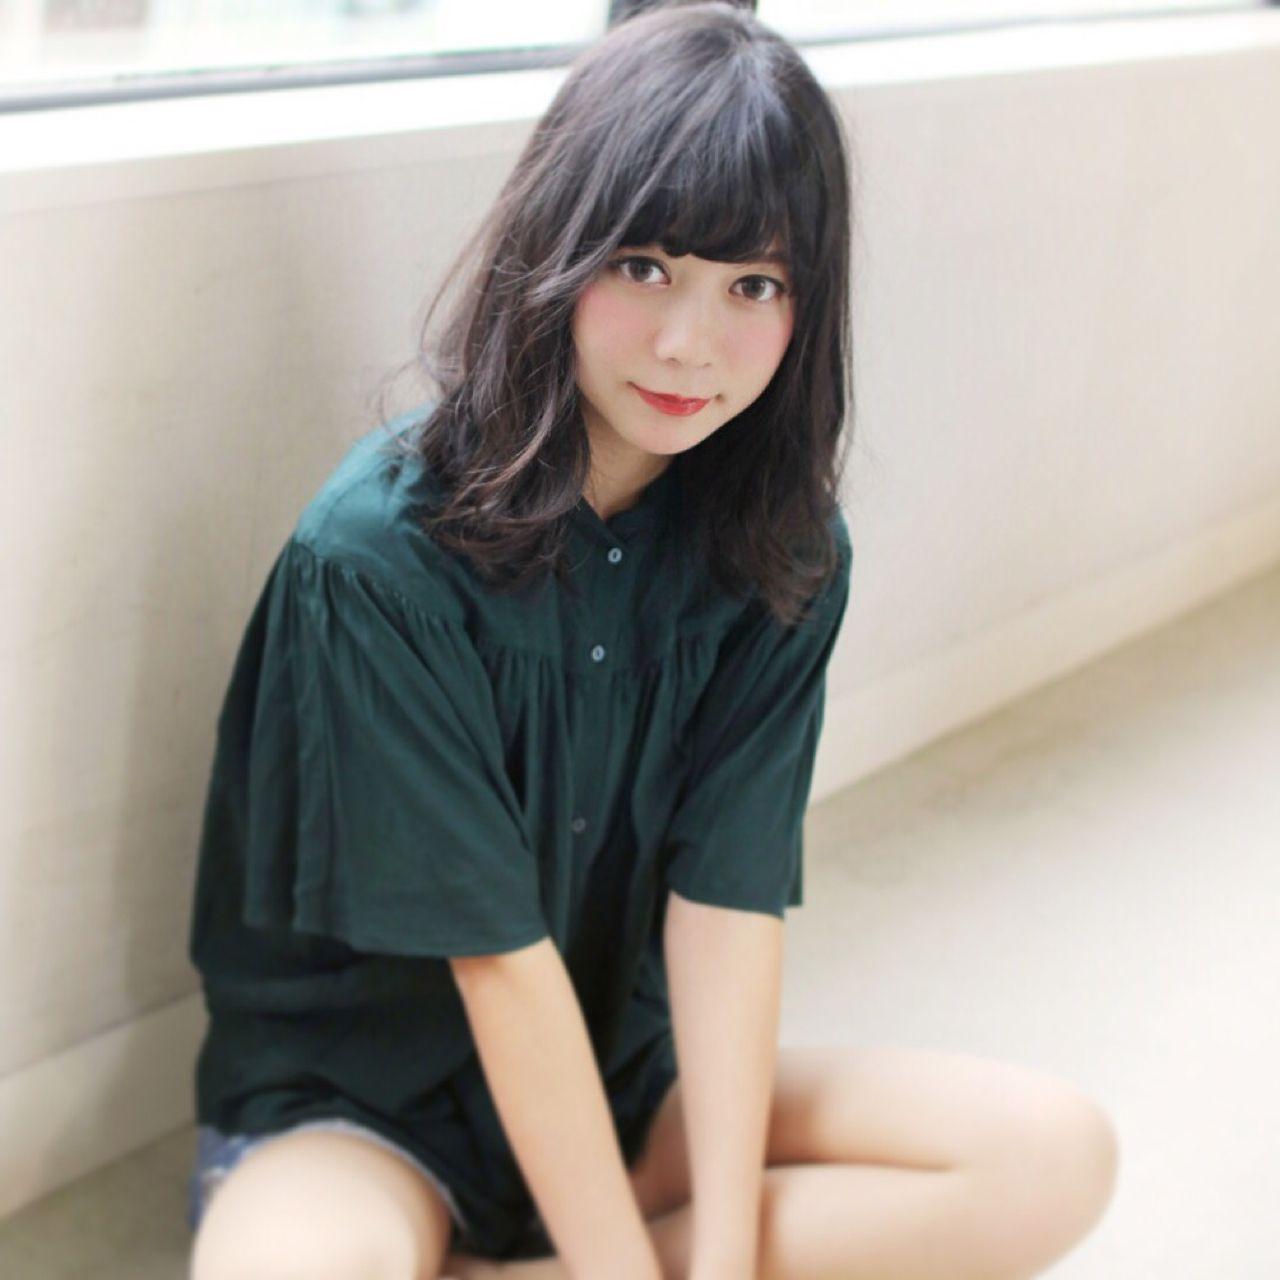 東西ファッションの合流地点♡名古屋エリアの人気スタイリスト&サロン特集! 石田 裕人